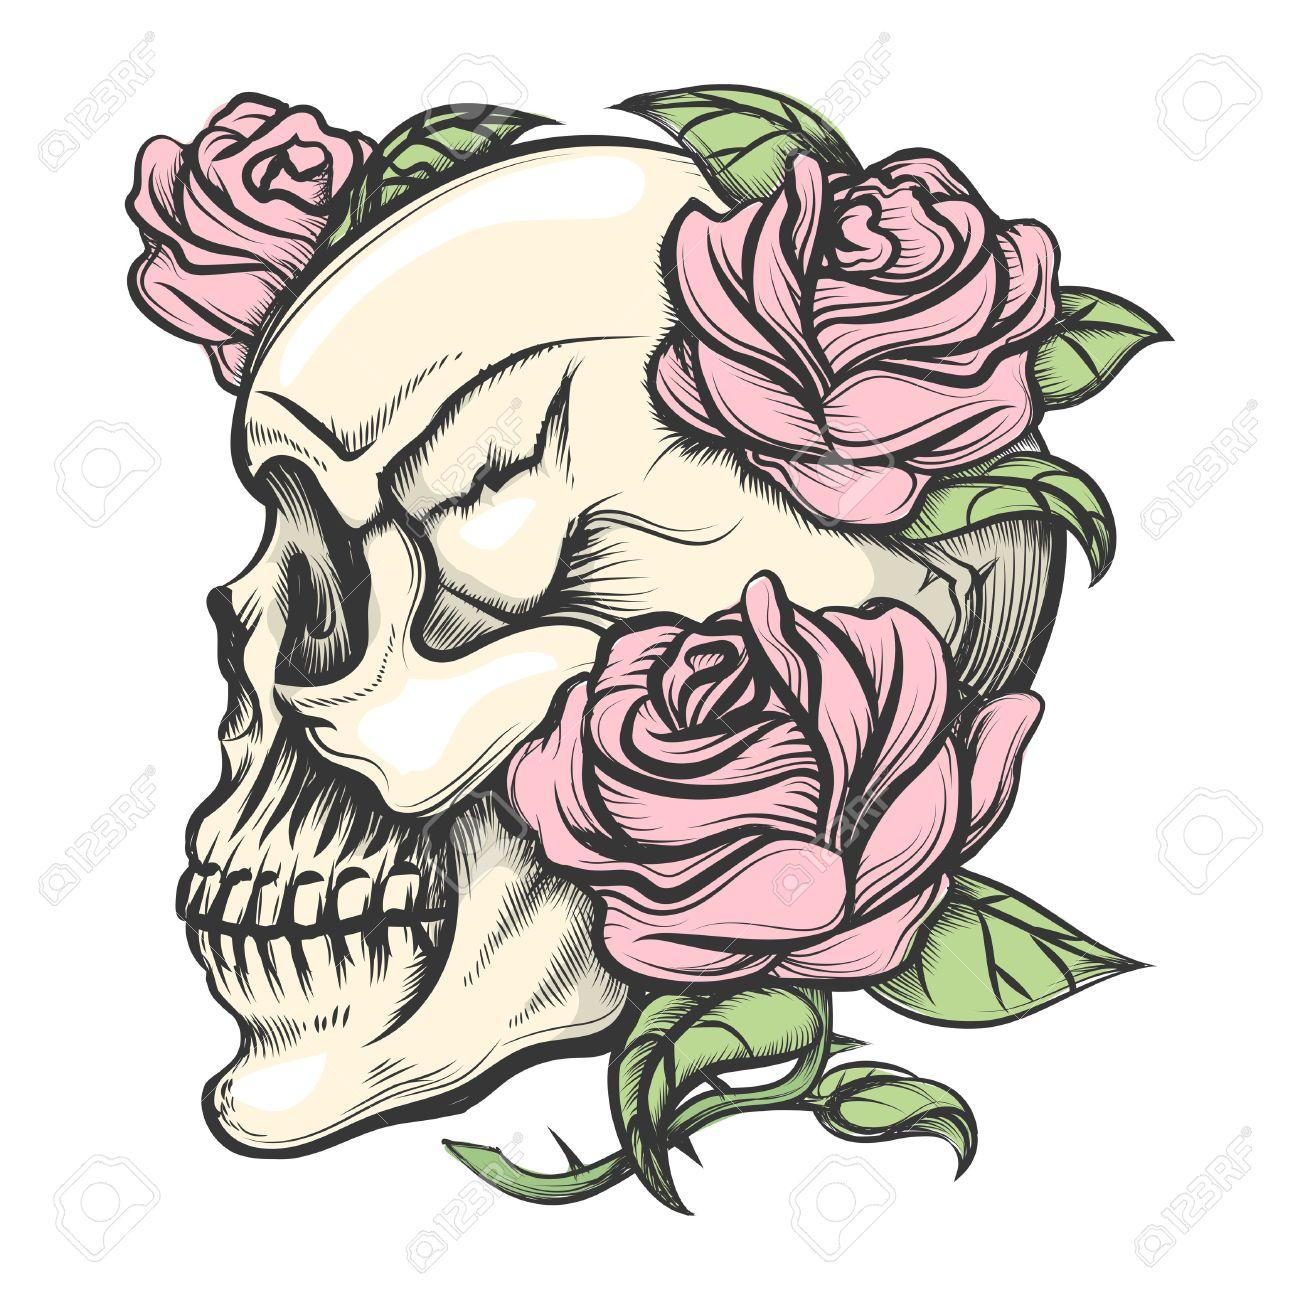 Cráneo Humano Con Las Rosas Dibujado En El Estilo Del Tatuaje